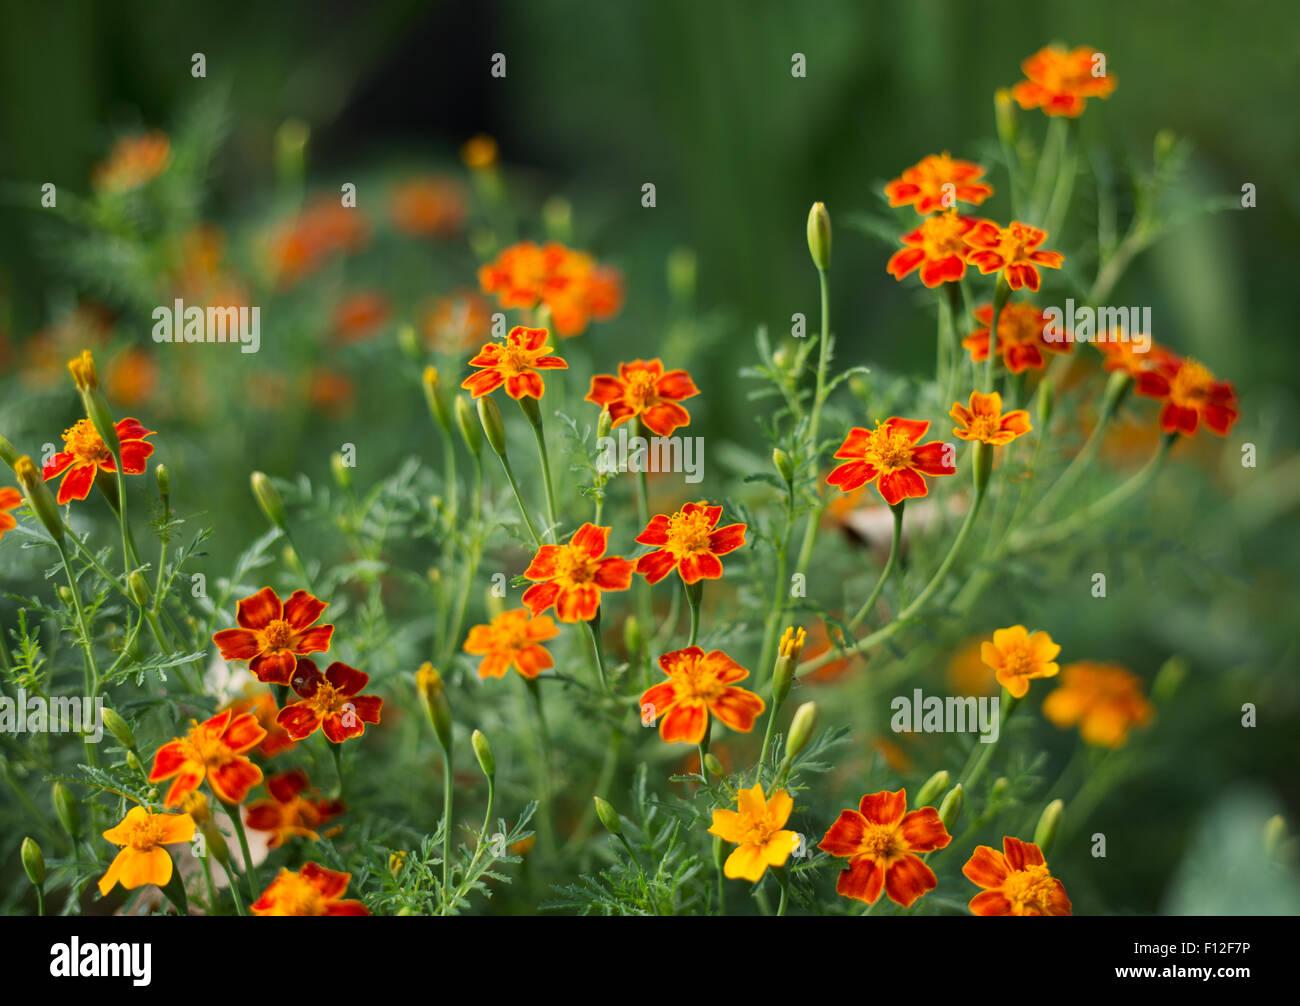 Souci - Tagetes - fleurs orange sur fond d'herbe verte - faible profondeur de discussion Banque D'Images